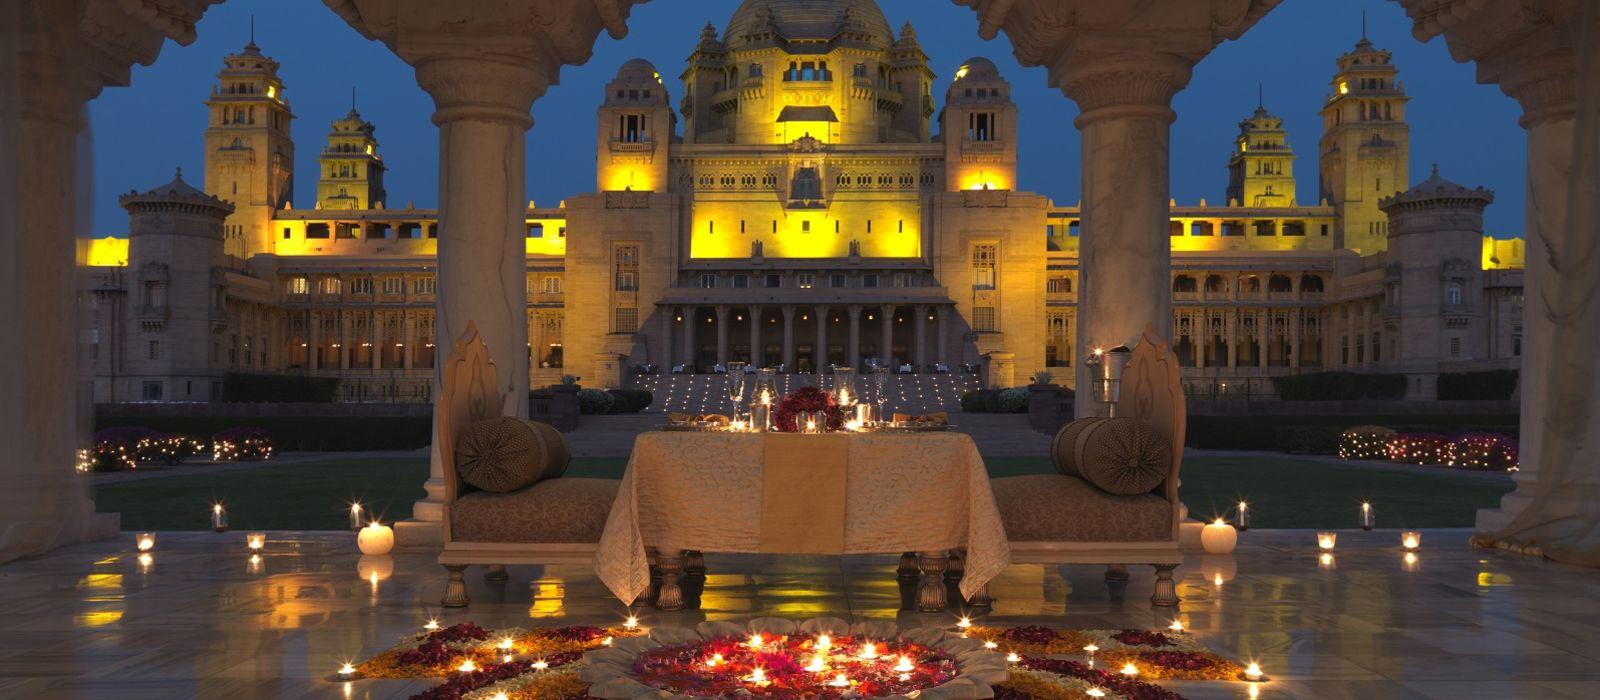 Nordindiens schönste Palasthotels – Luxuriöse Zeitreise Urlaub 3